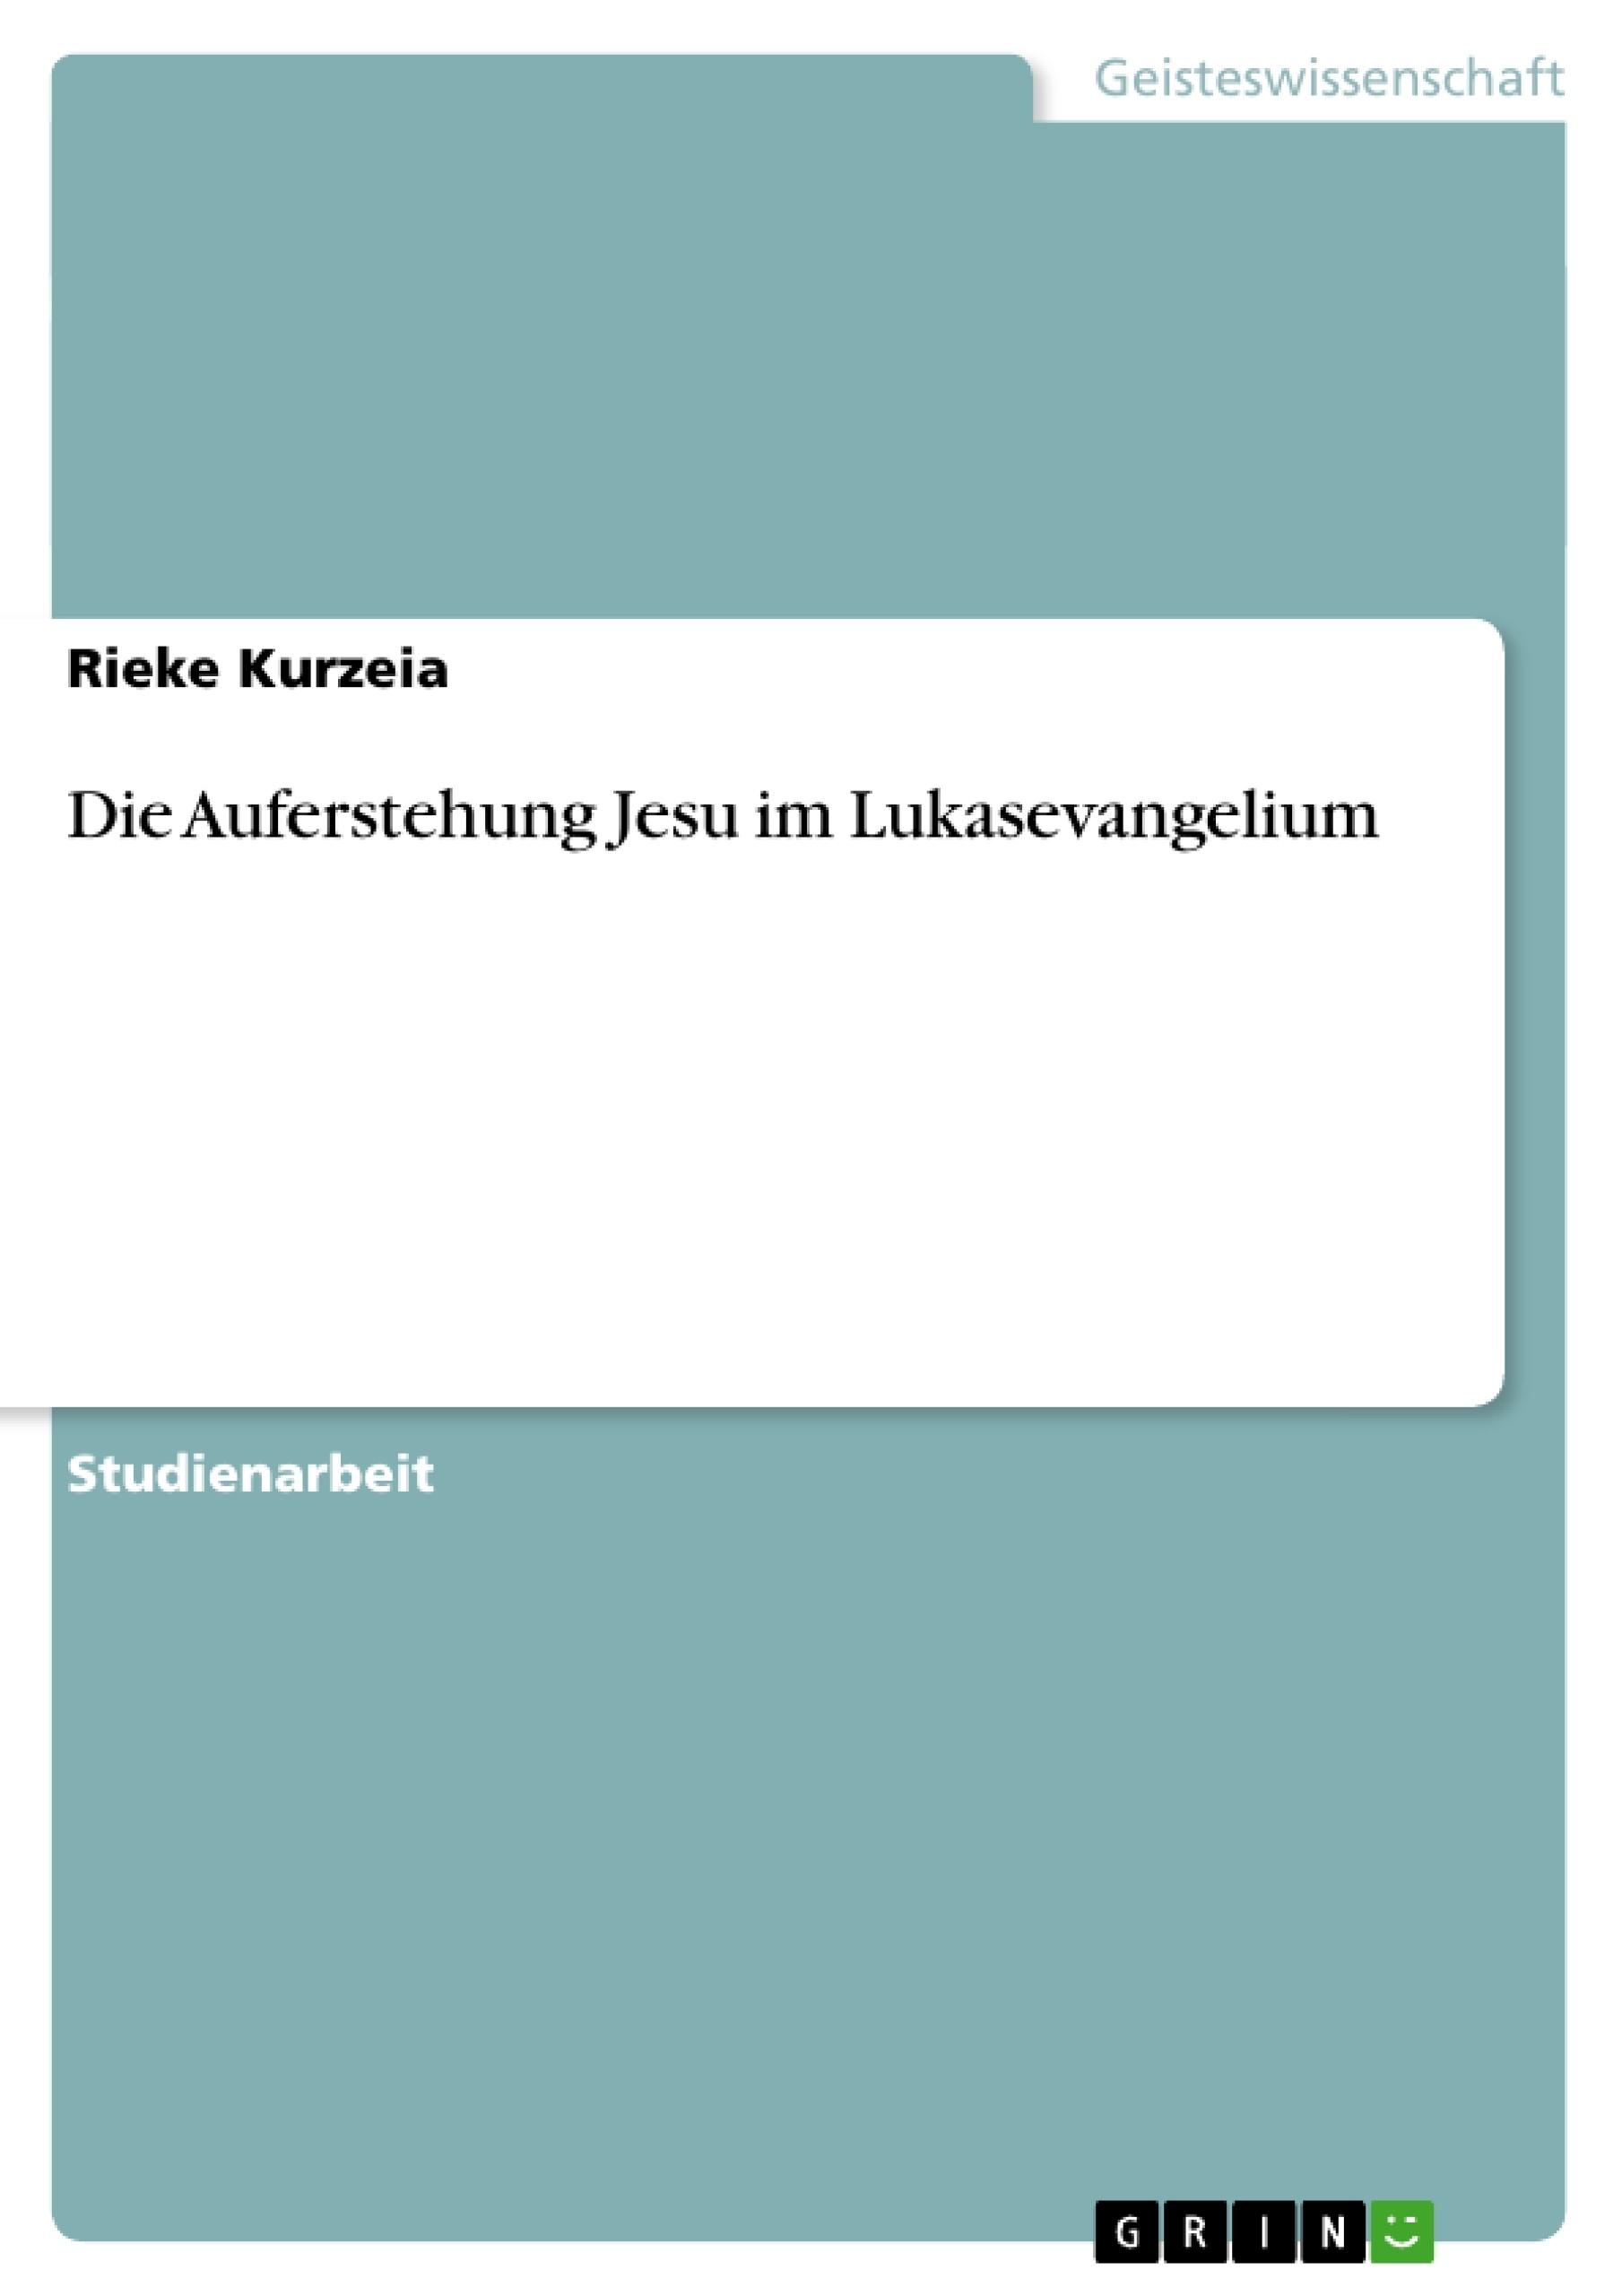 Titel: Die Auferstehung Jesu im Lukasevangelium